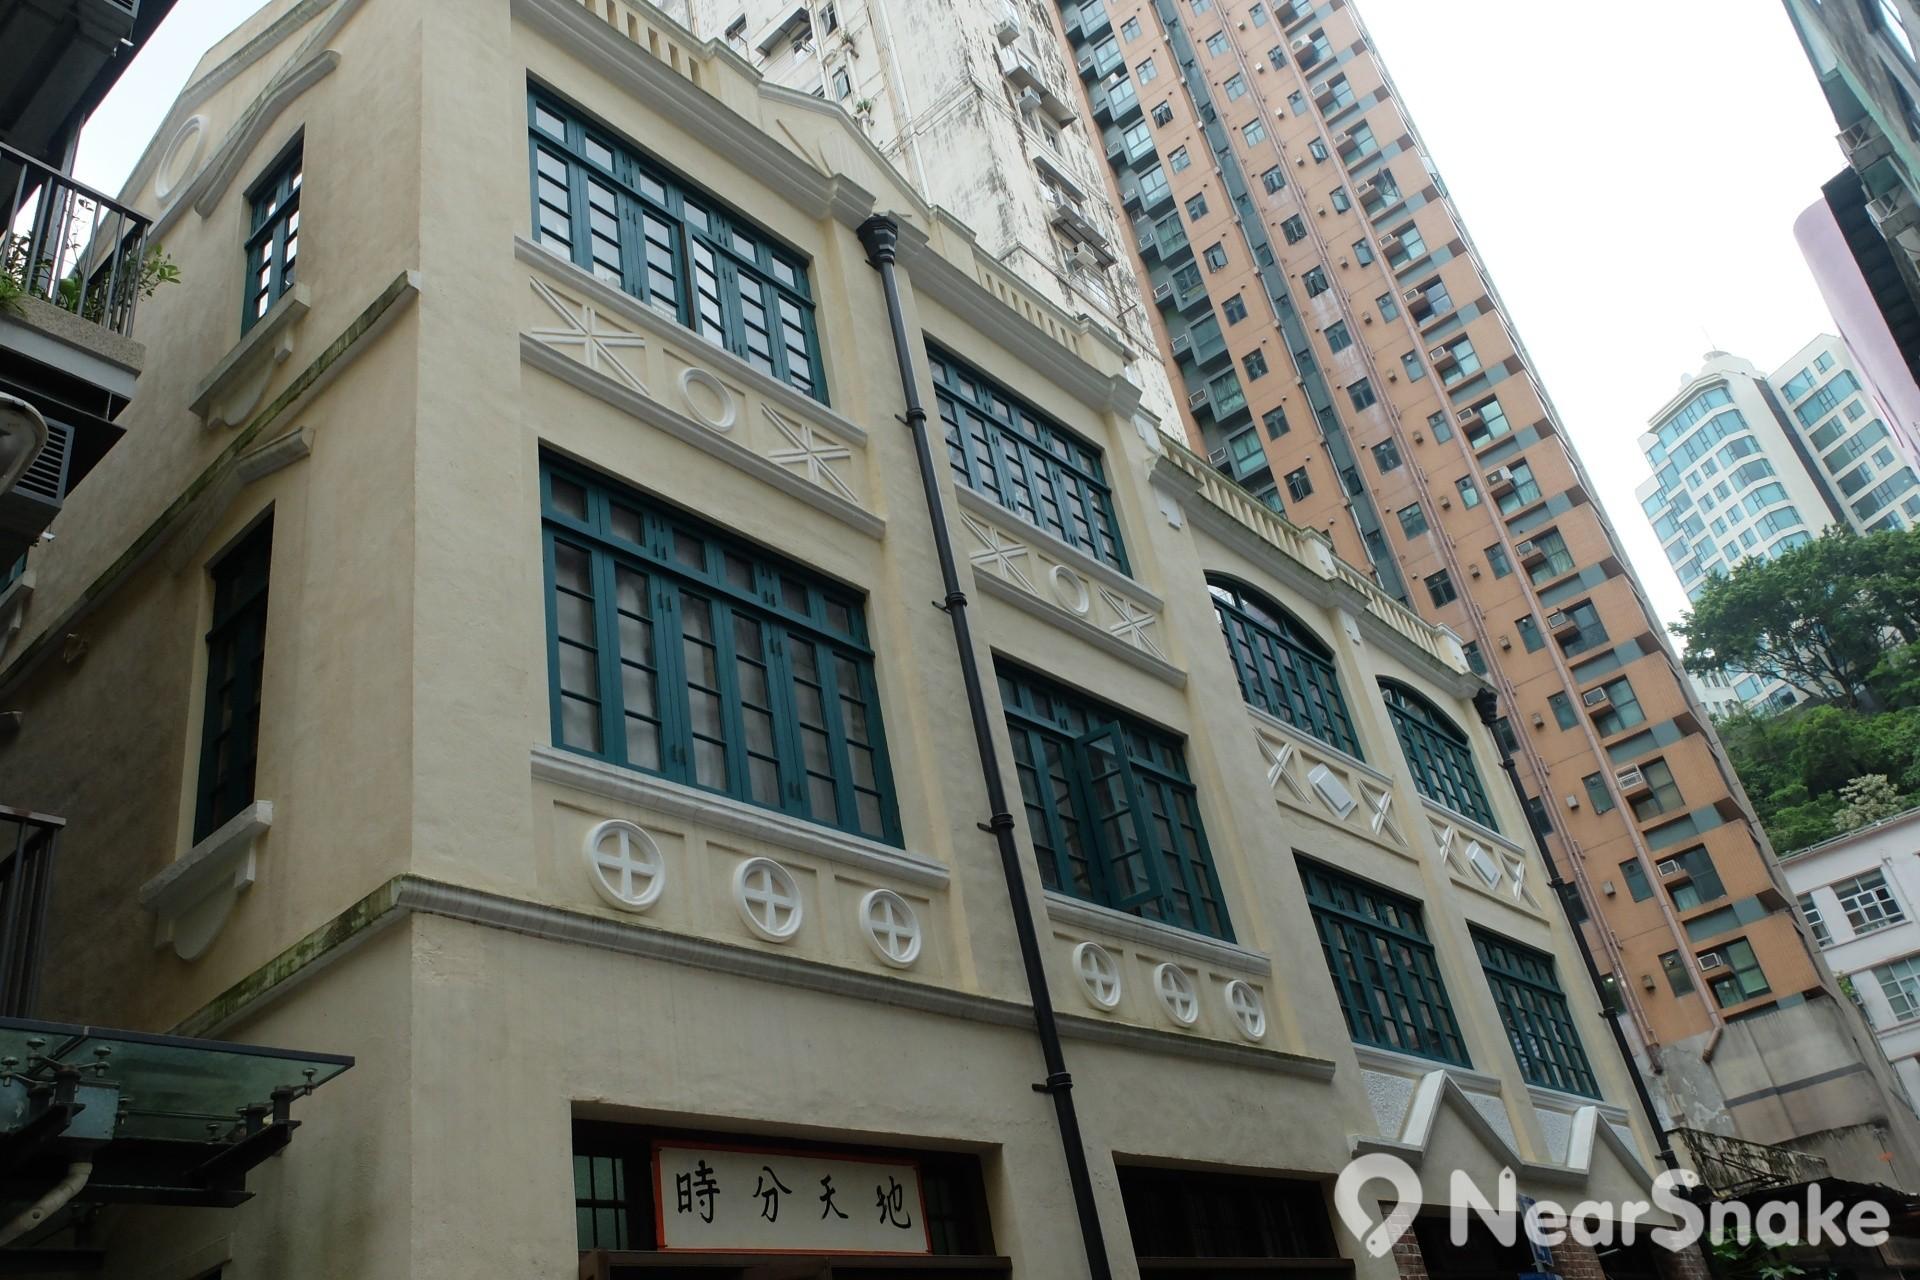 黃屋座落於灣仔慶雲街 2 號至 8 號雙數門牌,樓高 3 層,擁有歐陸色彩的建築風格,被評定為香港三級歷史建築。